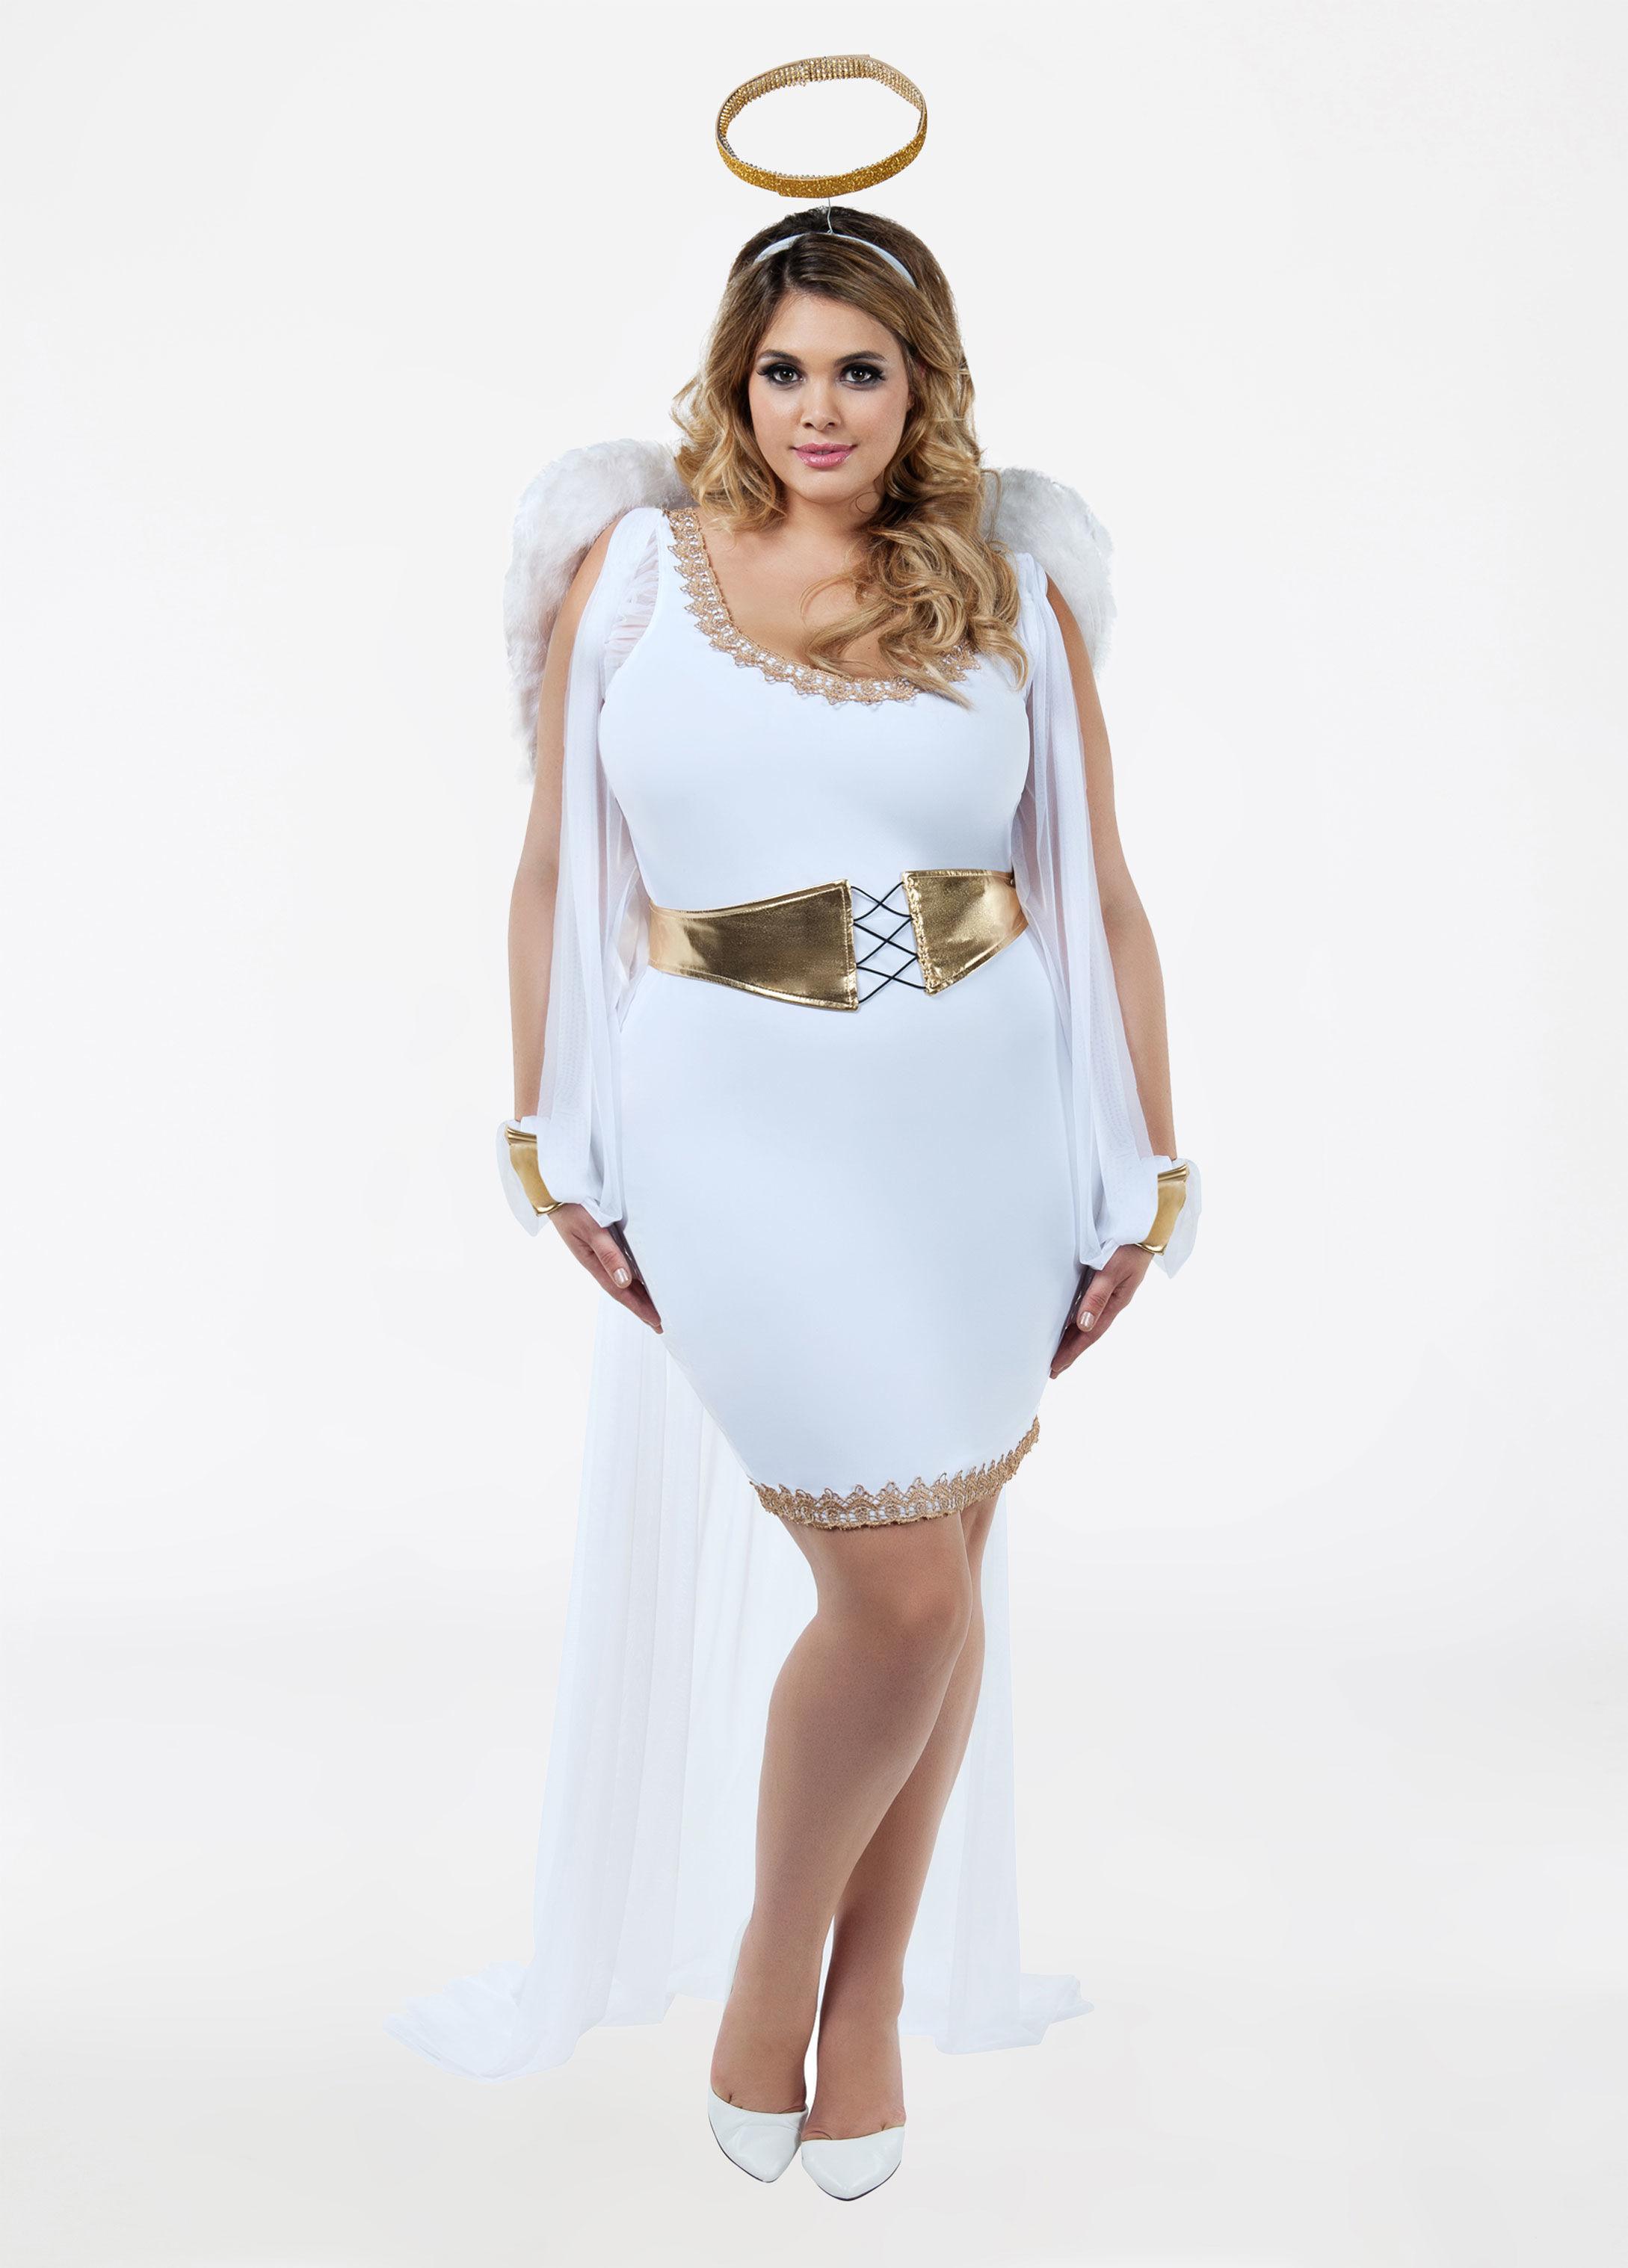 Plus Size Gorgeous Goddess Halloween Costume